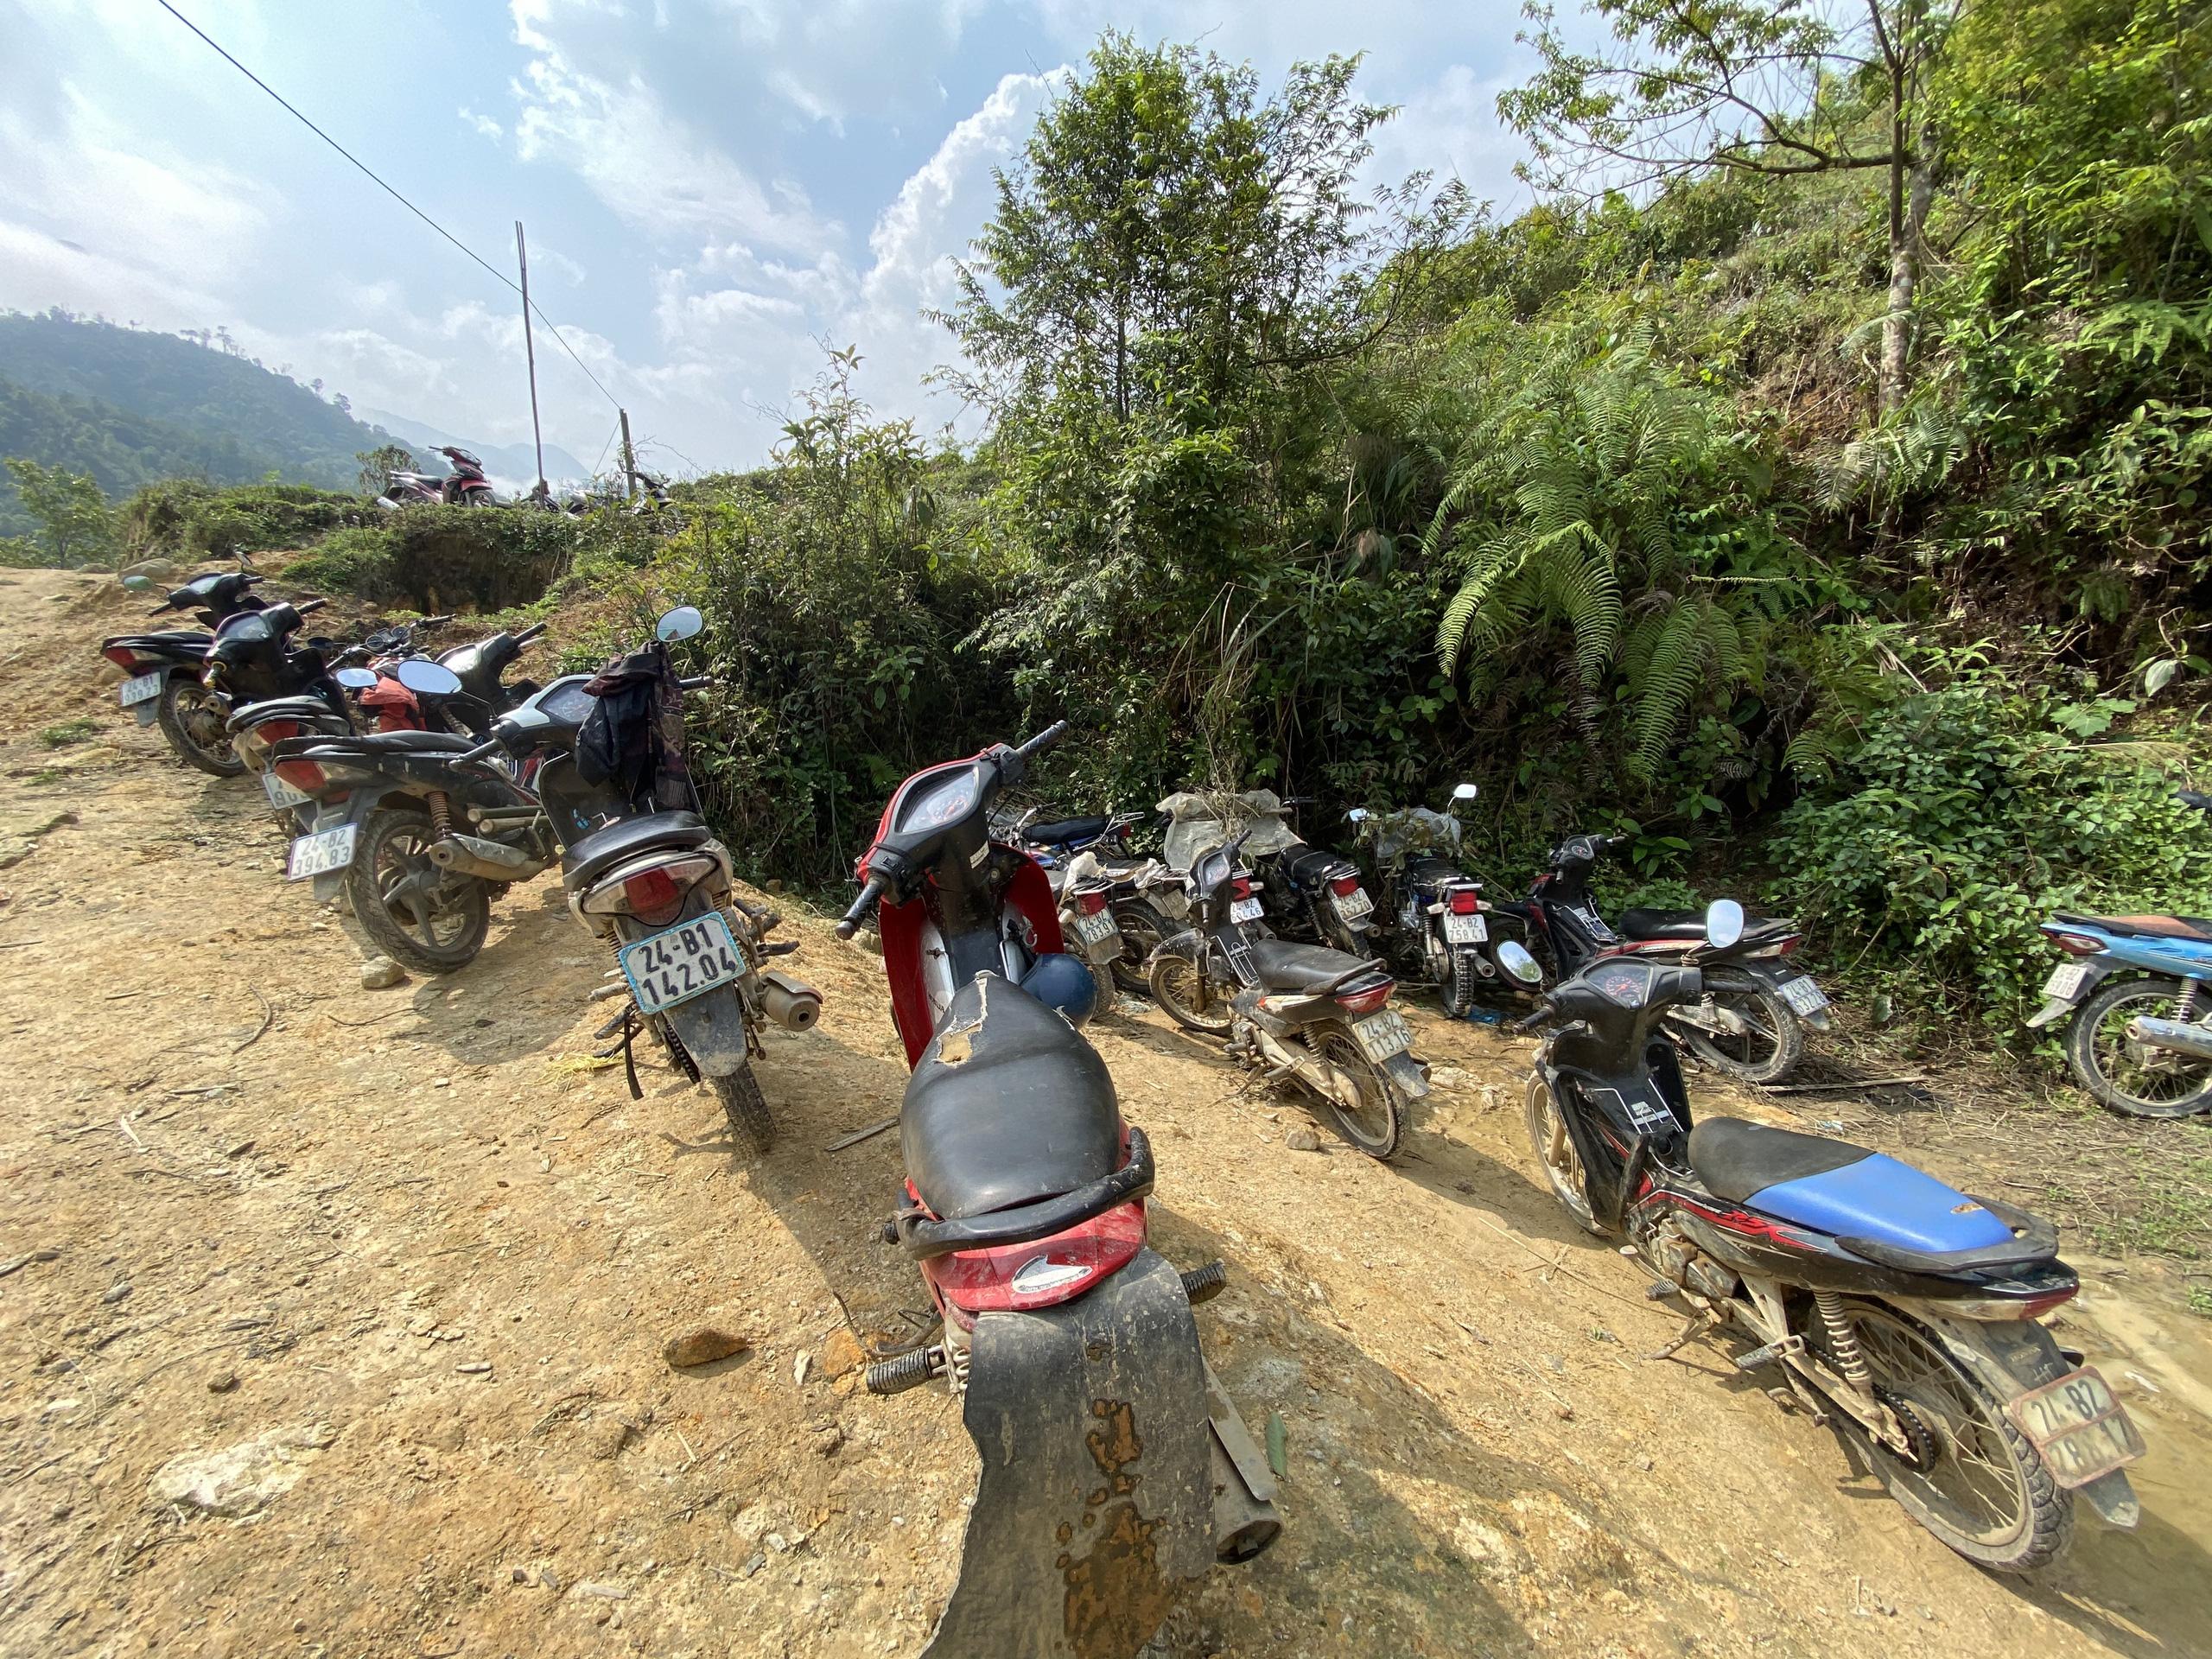 """Thế này là """"khai thác nhỏ lẻ"""" ư - thưa ông Chủ tịch UBND tỉnh Lào Cai! - Ảnh 5."""